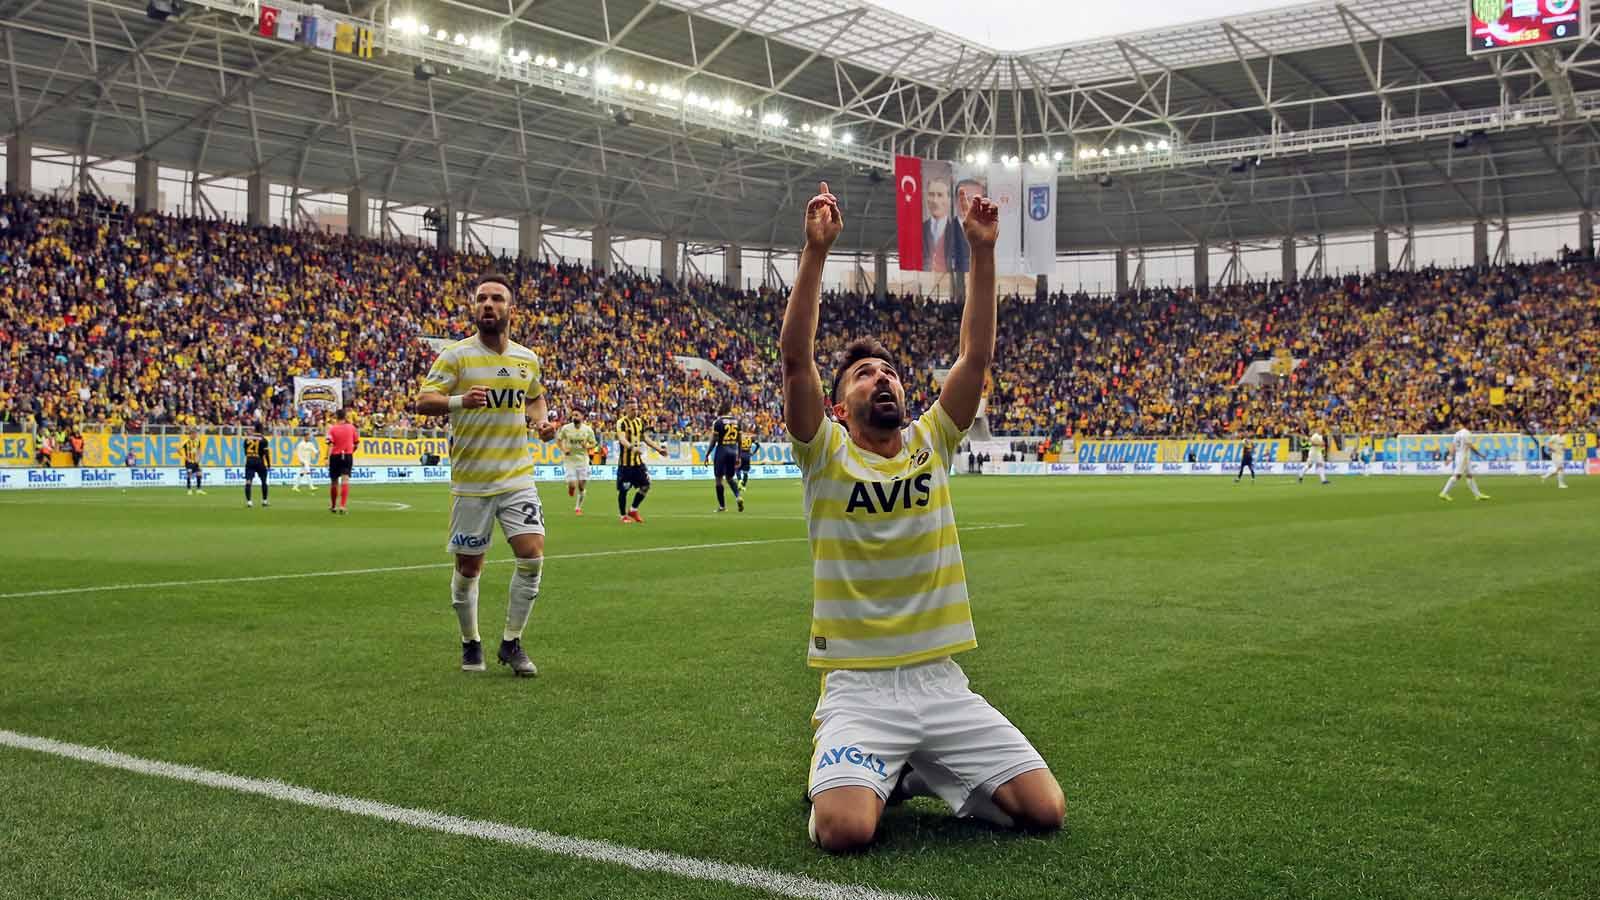 Hasan Ali: Kazanamayınca golümün bir anlamı yok